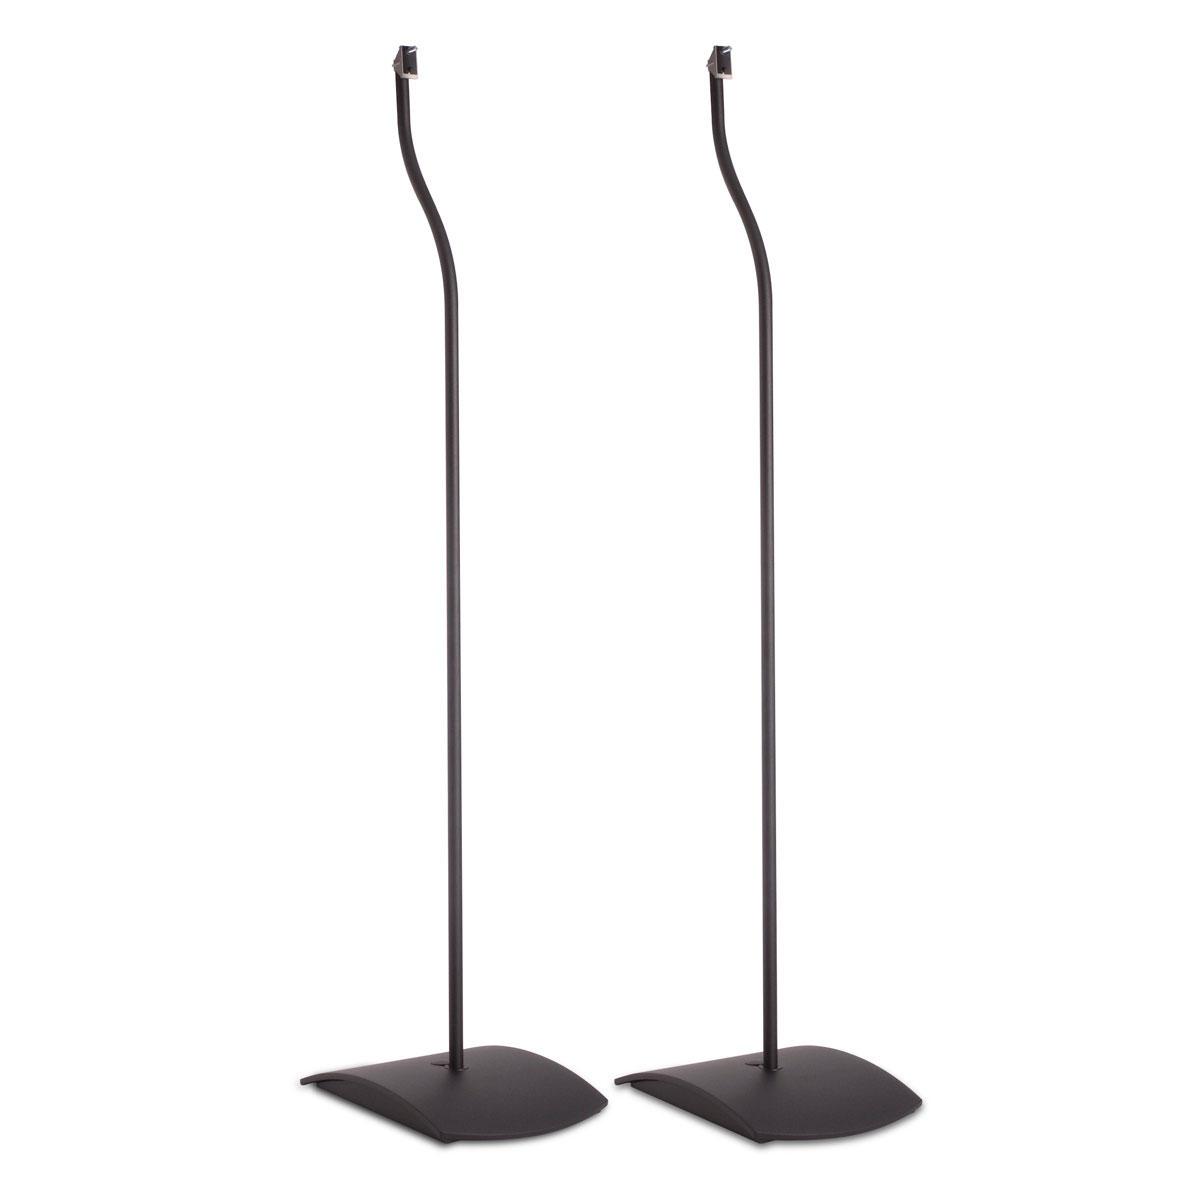 bose ufs 20 s rie ii noir pied support enceinte bose sur ldlc. Black Bedroom Furniture Sets. Home Design Ideas